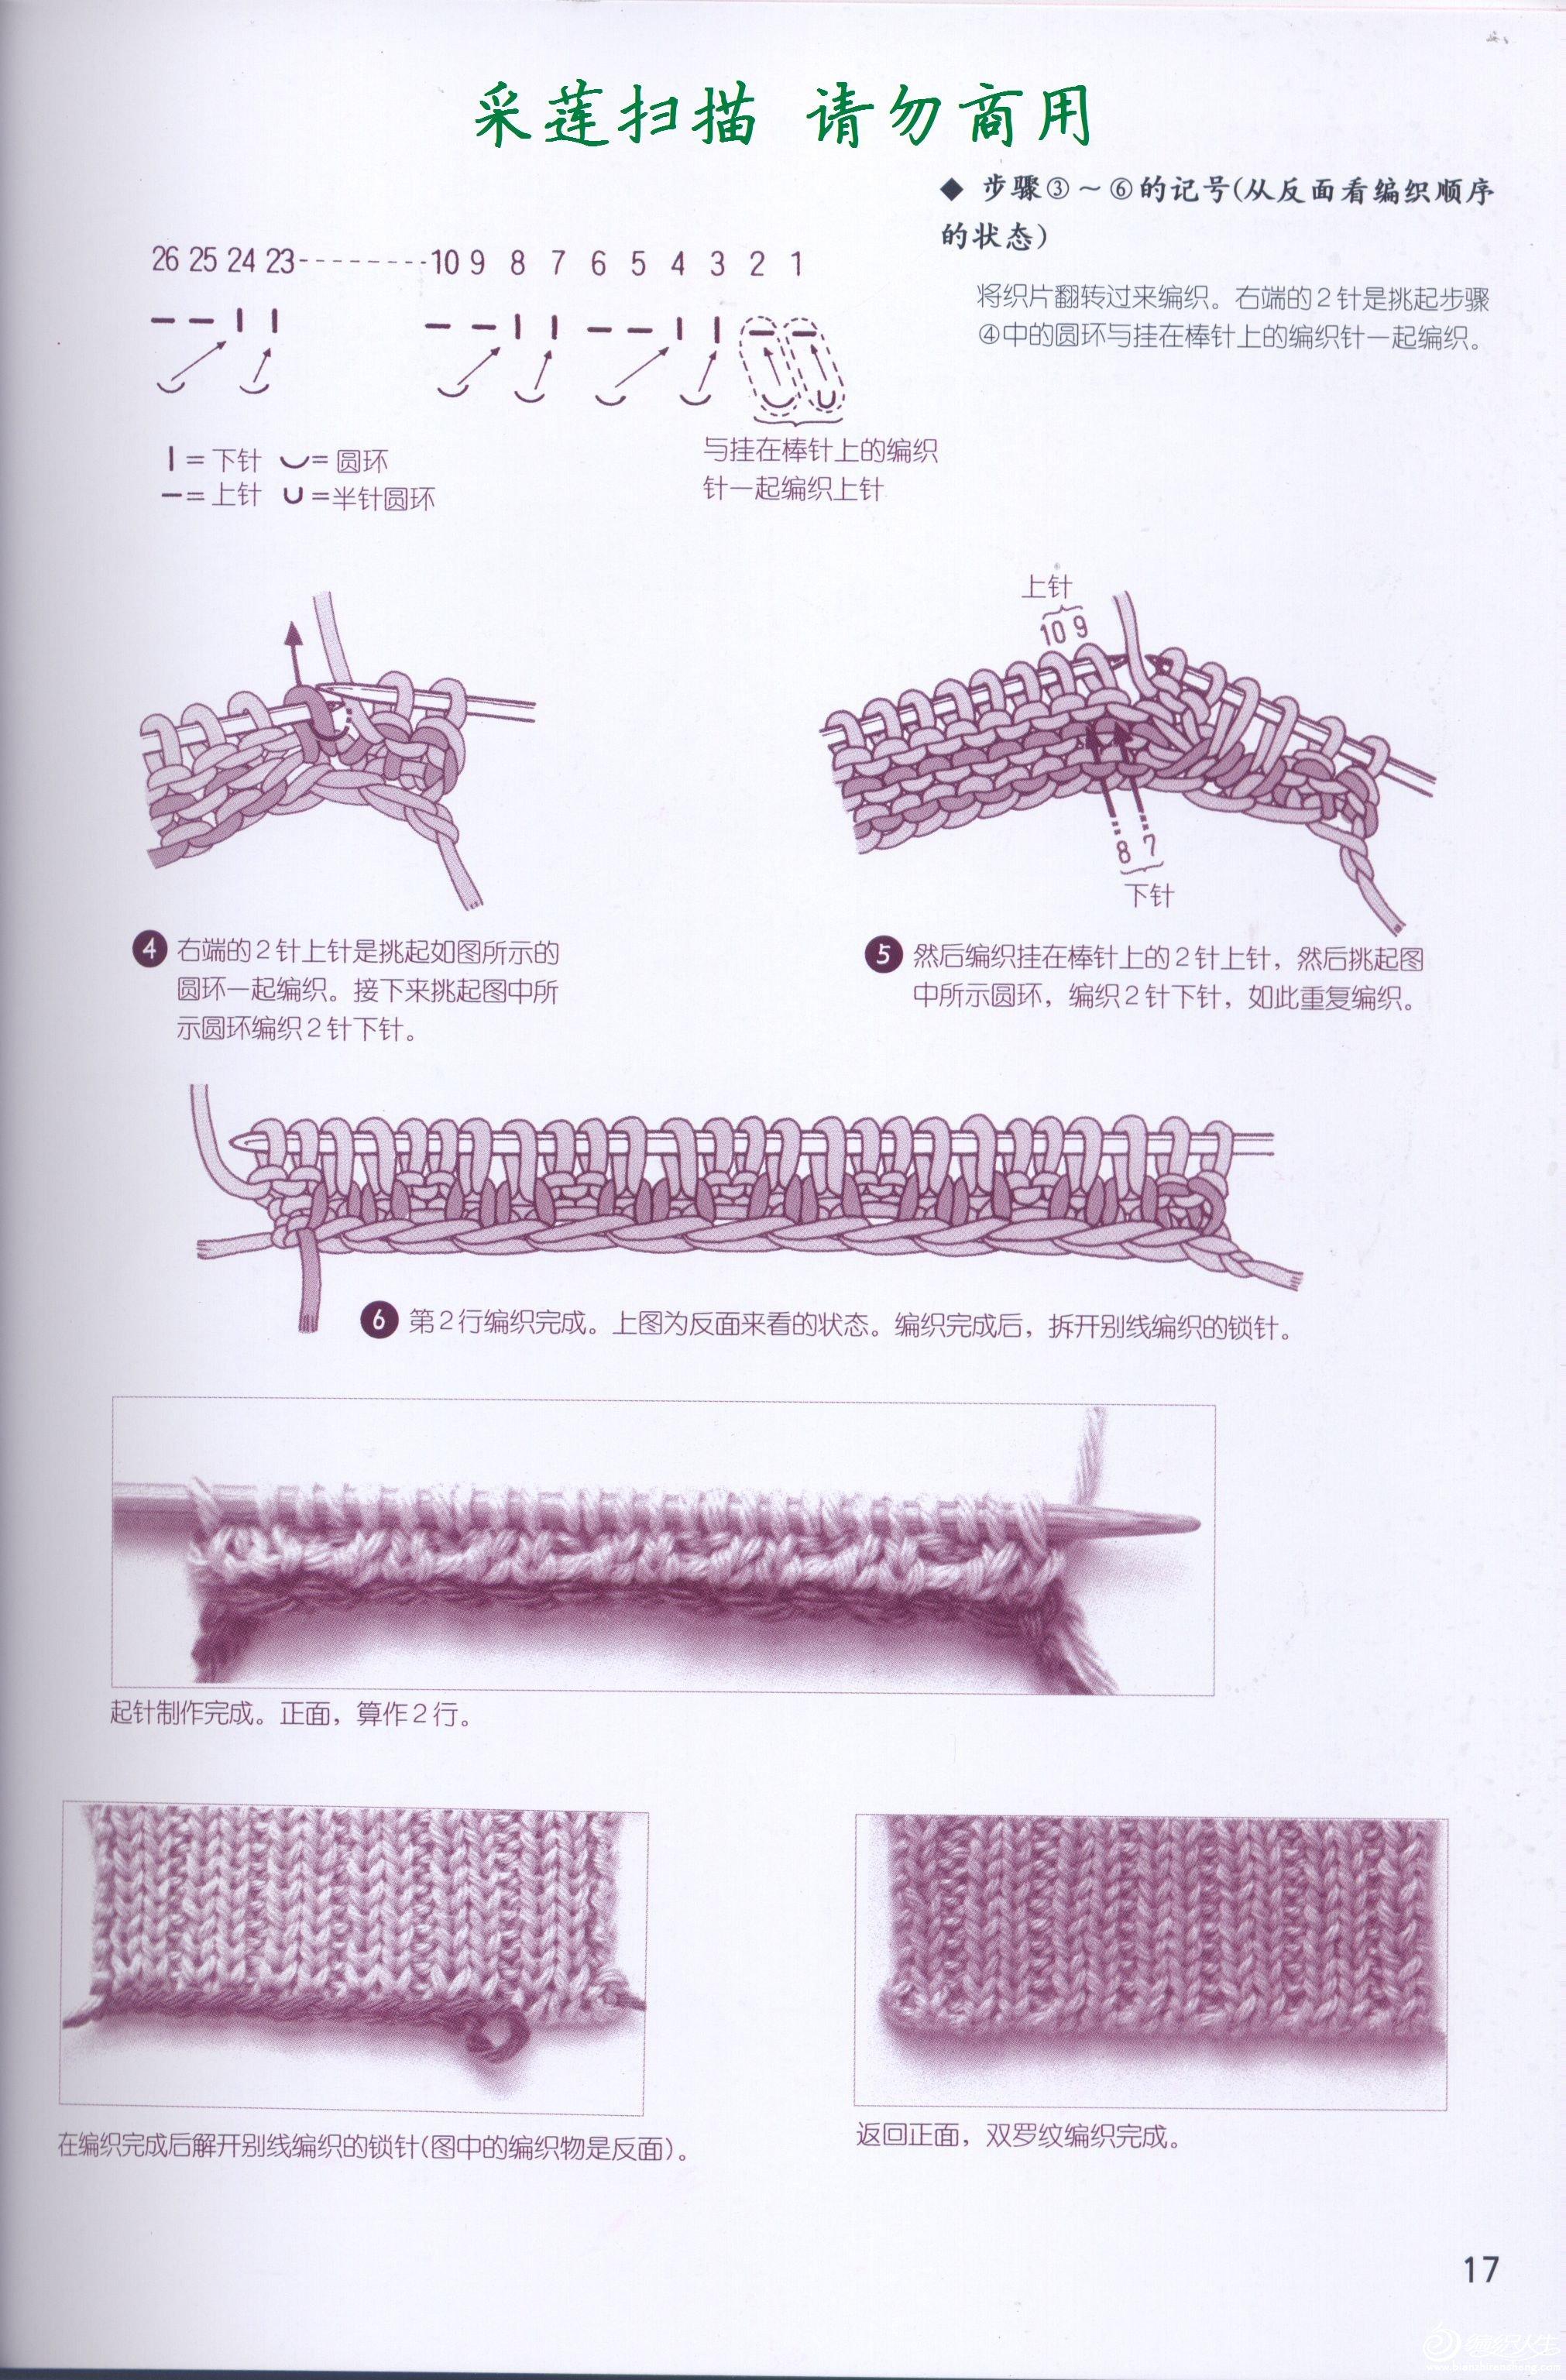 双罗纹边起头方法 (1).jpg